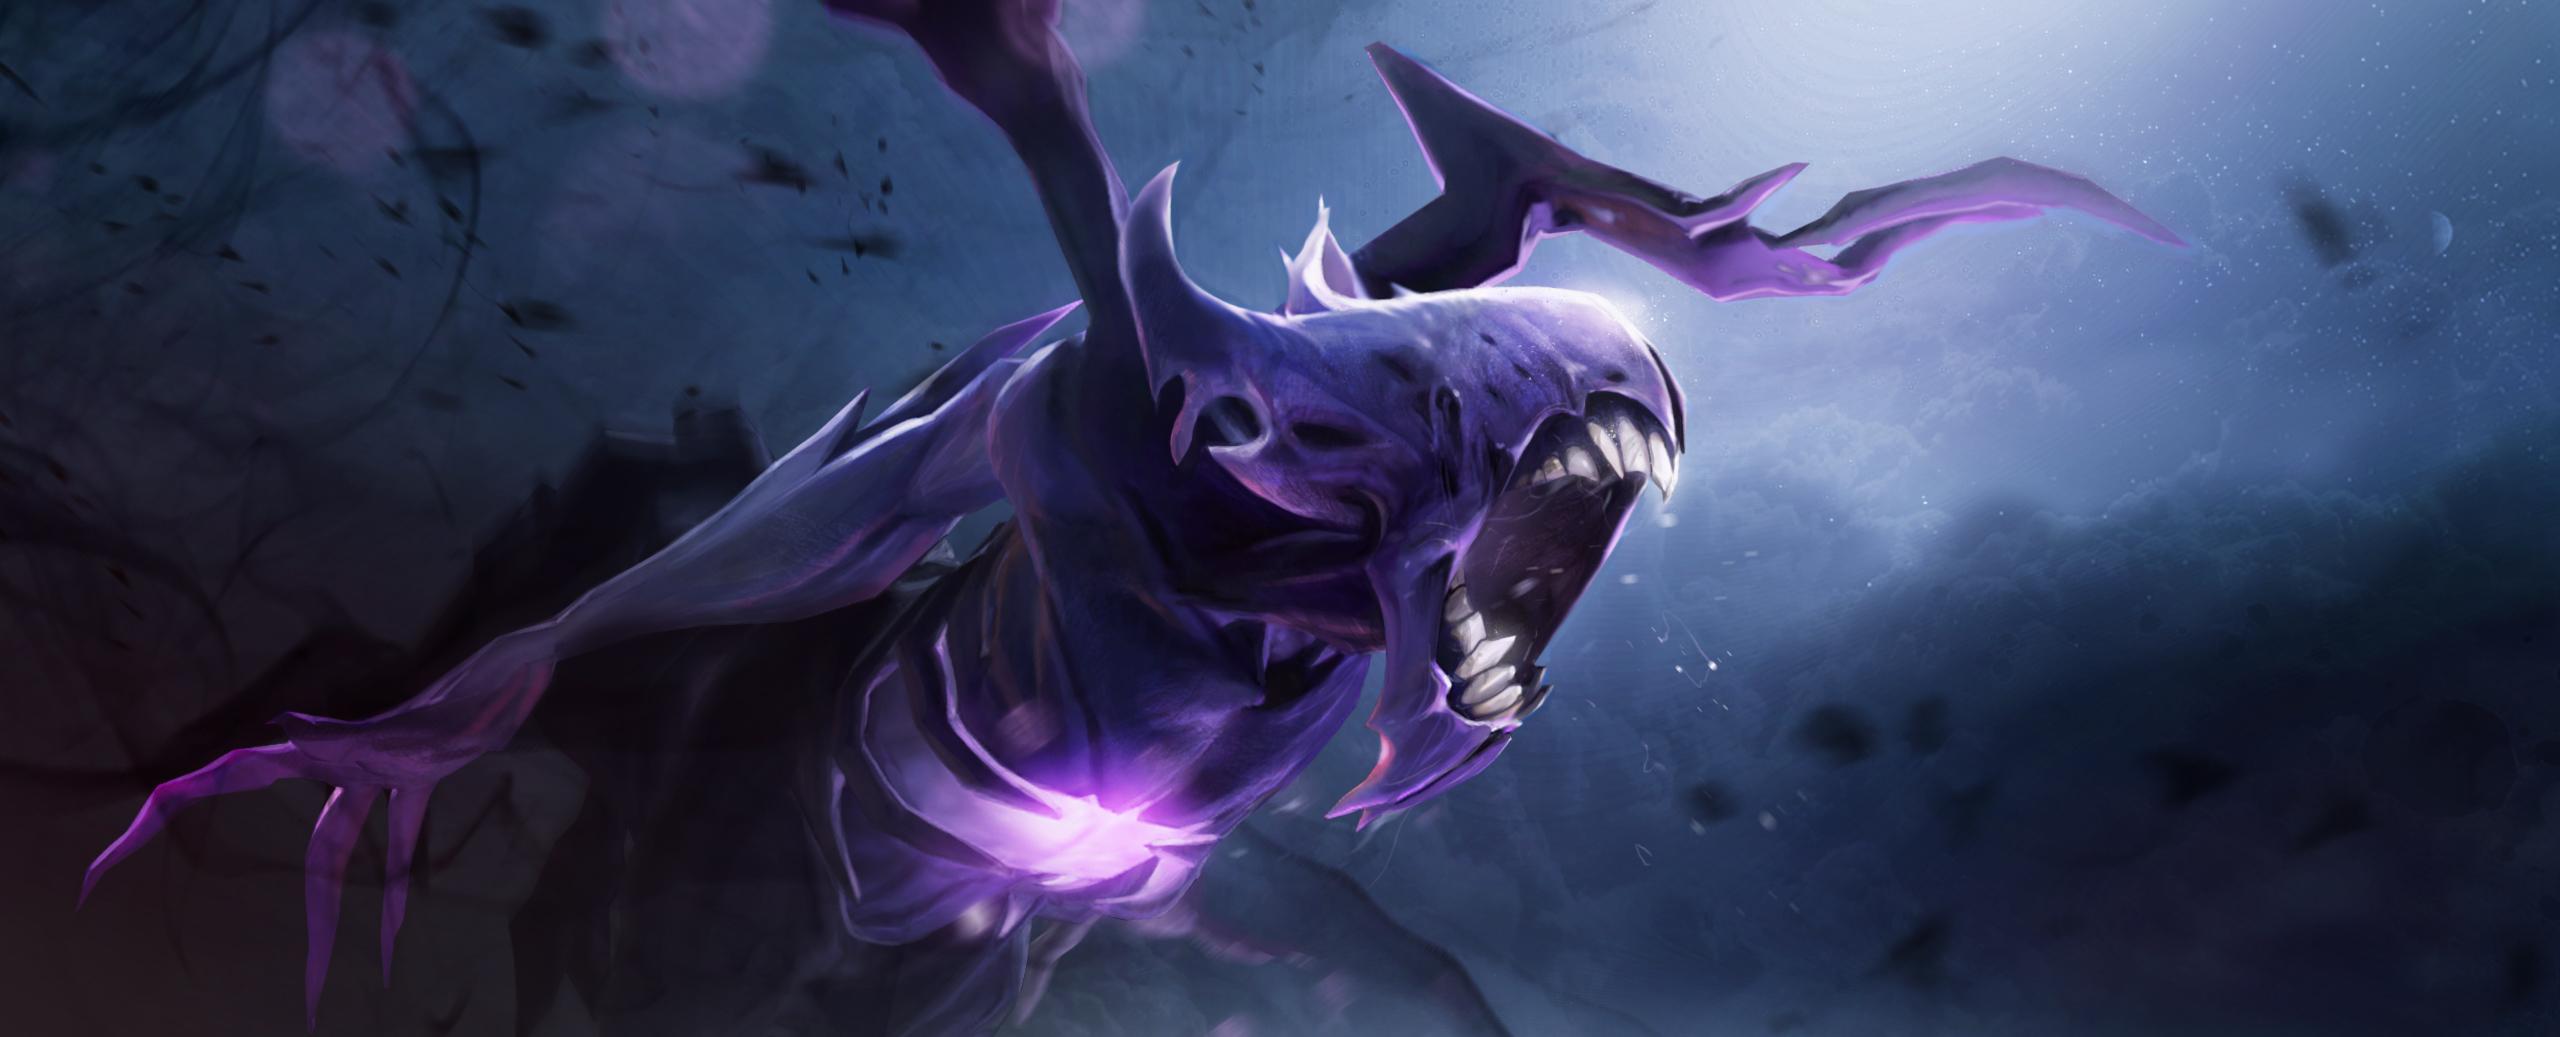 Zeus Dota 2 Quotes Bane Splash Big